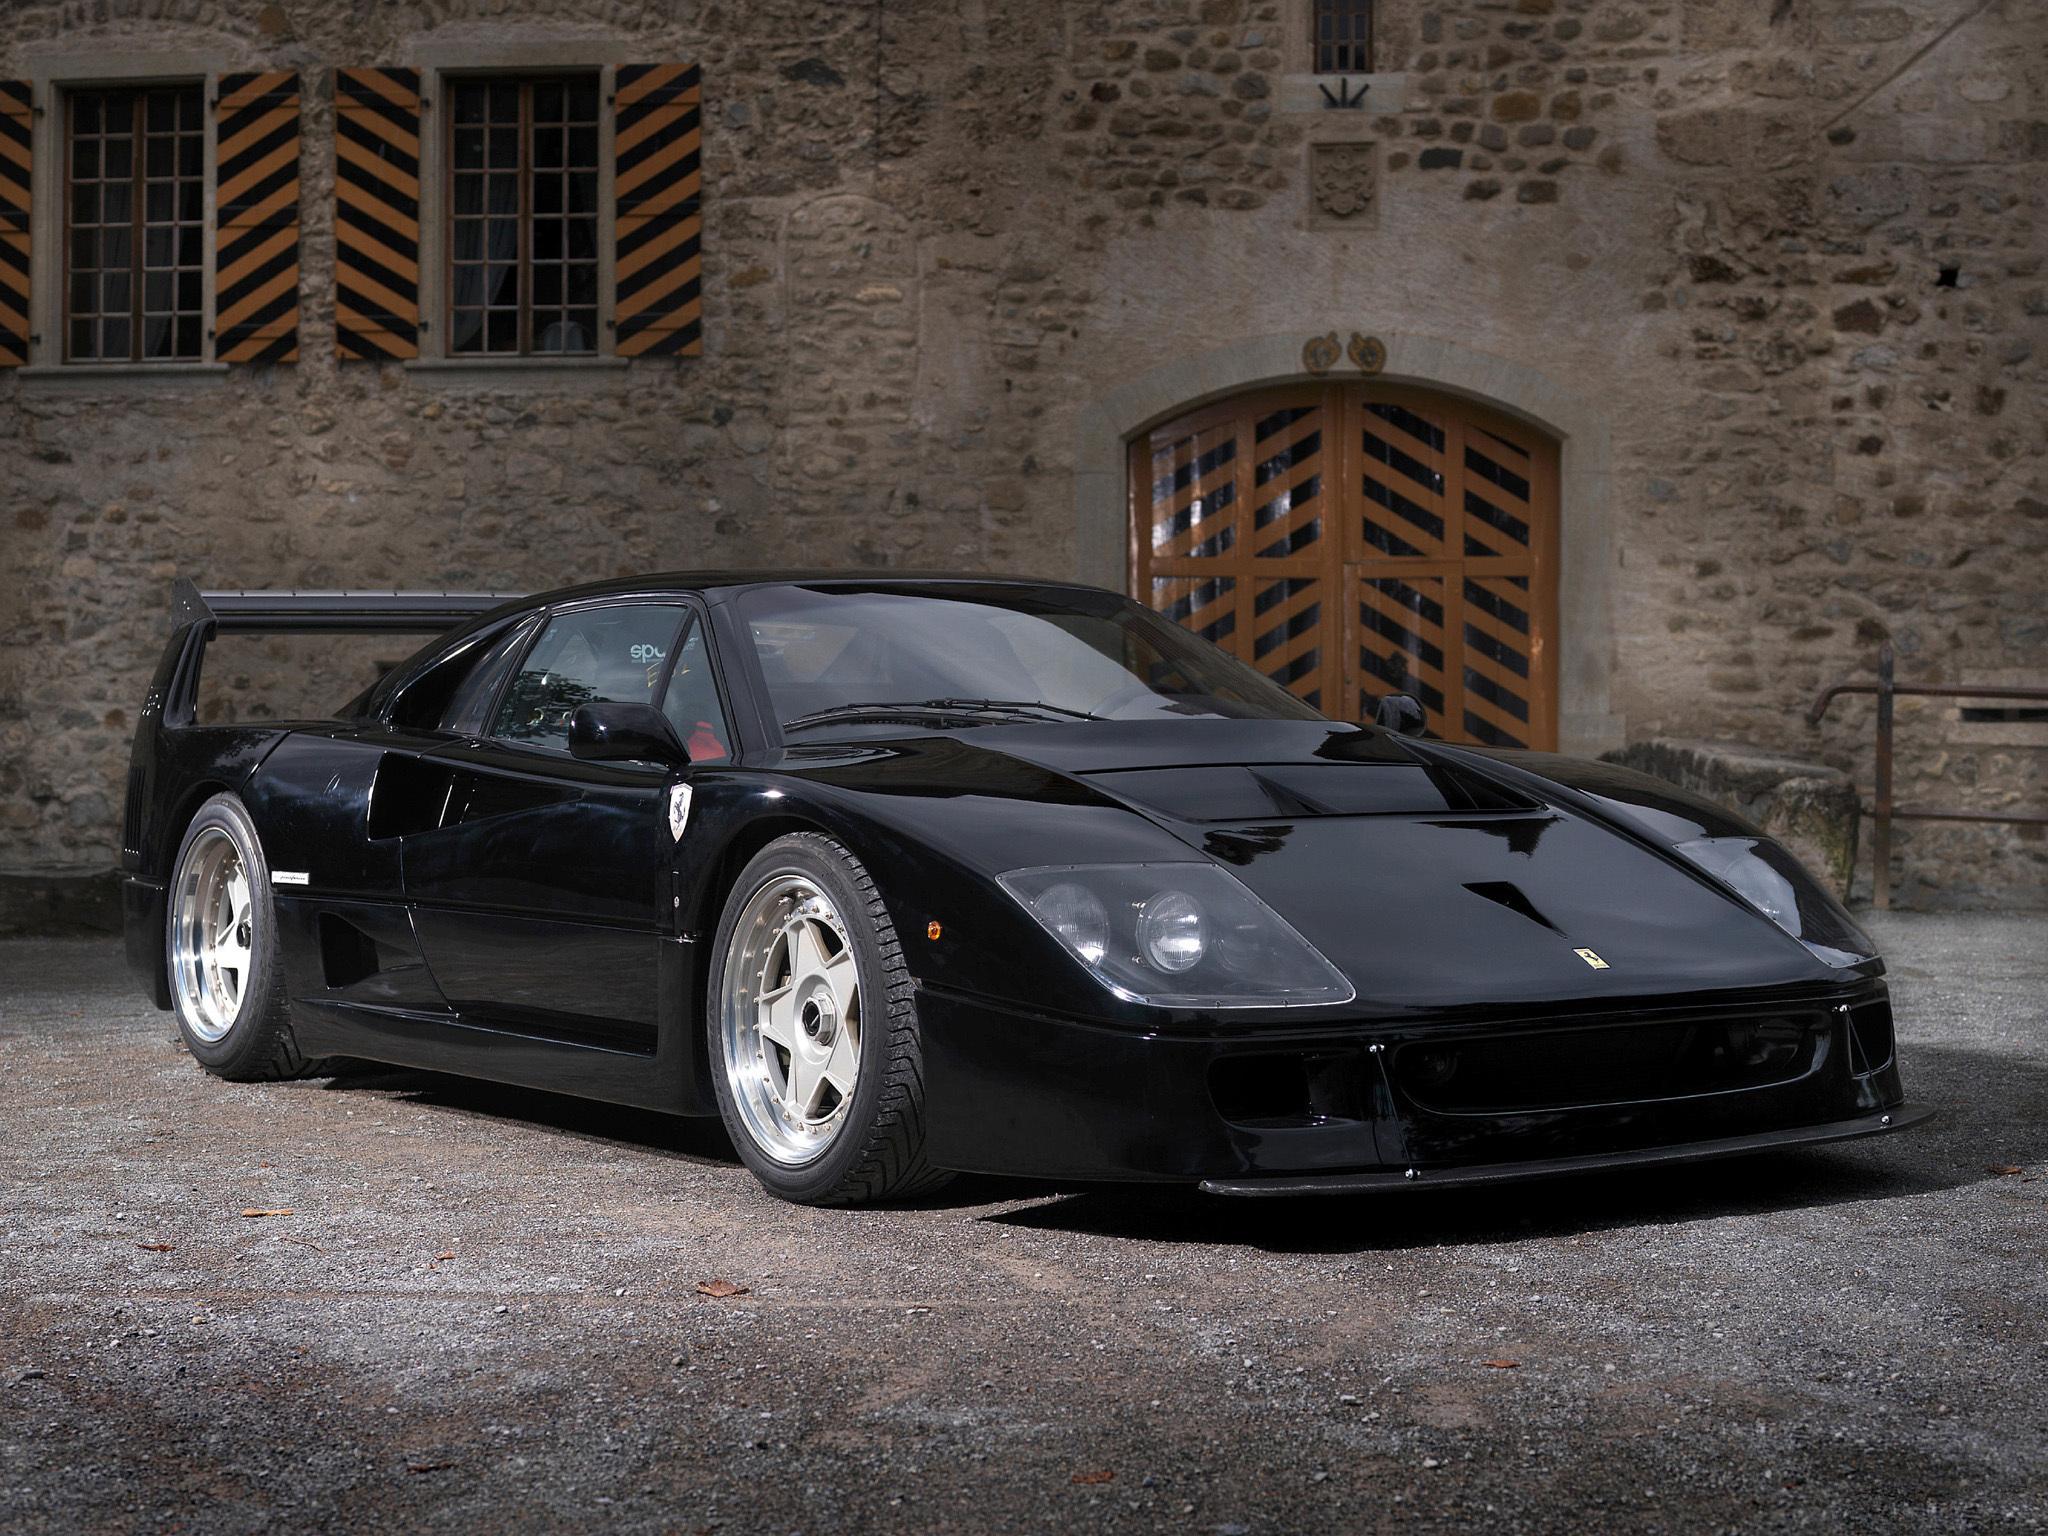 Black Ferrari F50 Hd Wallpaper